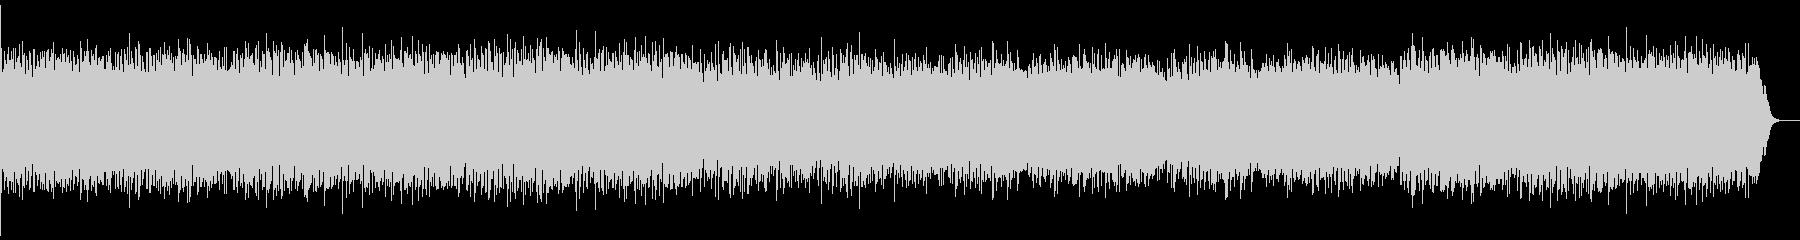 管弦楽組曲第一番 ガボットの未再生の波形